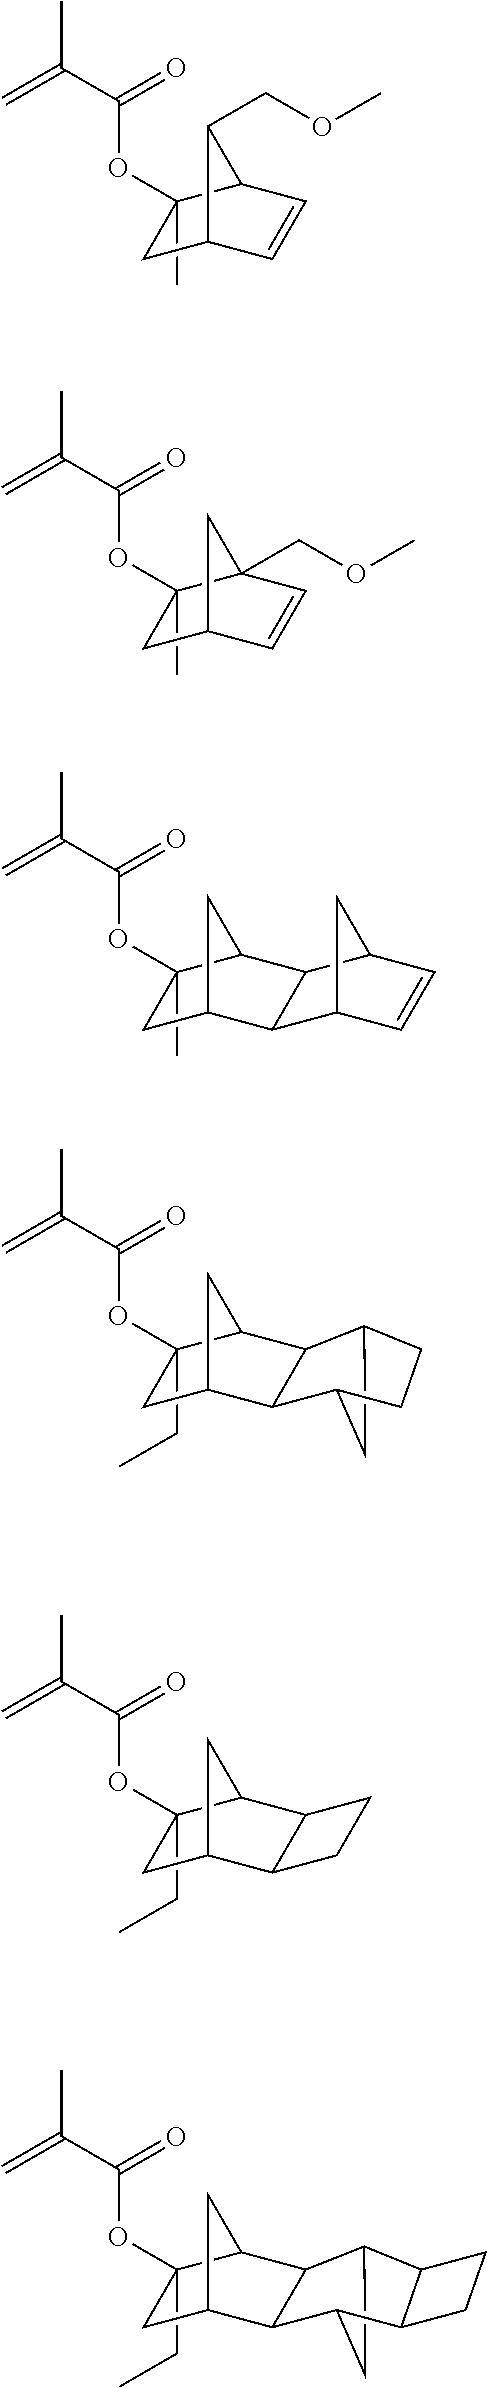 Figure US08652756-20140218-C00016